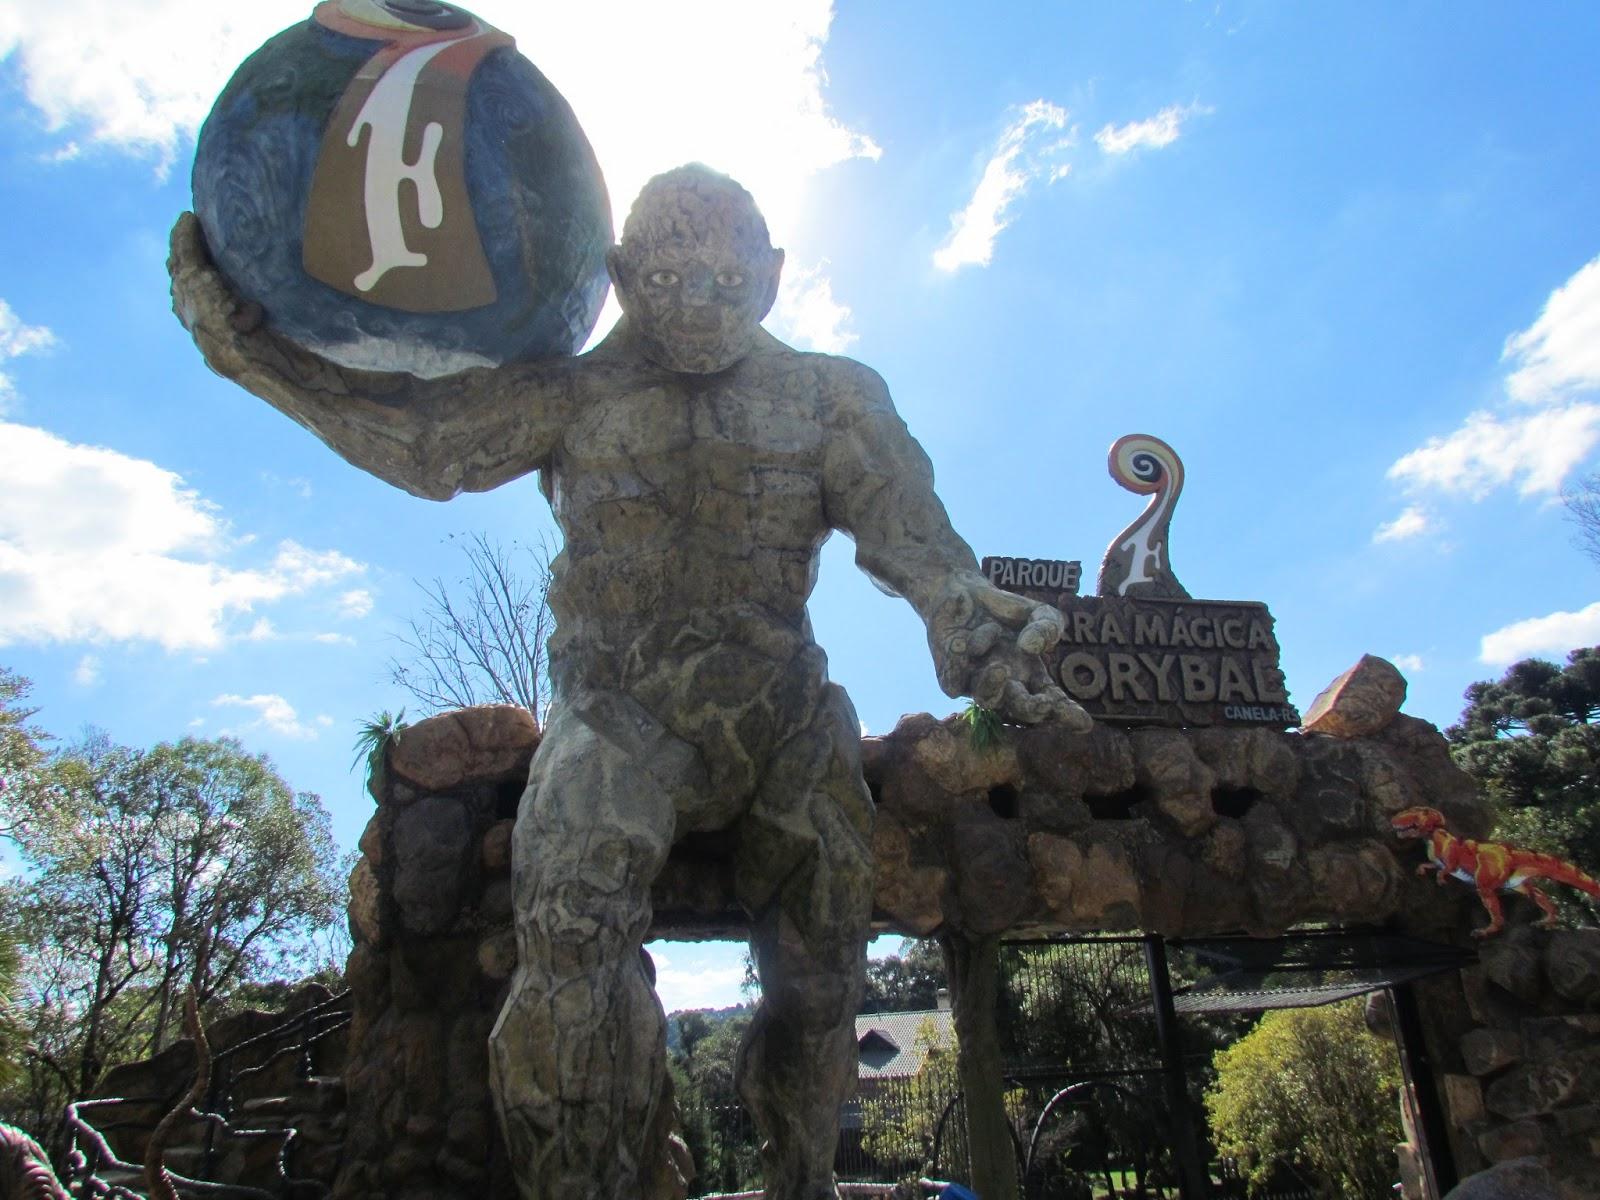 Estátua do Semeador no Parque Florybal em Canela